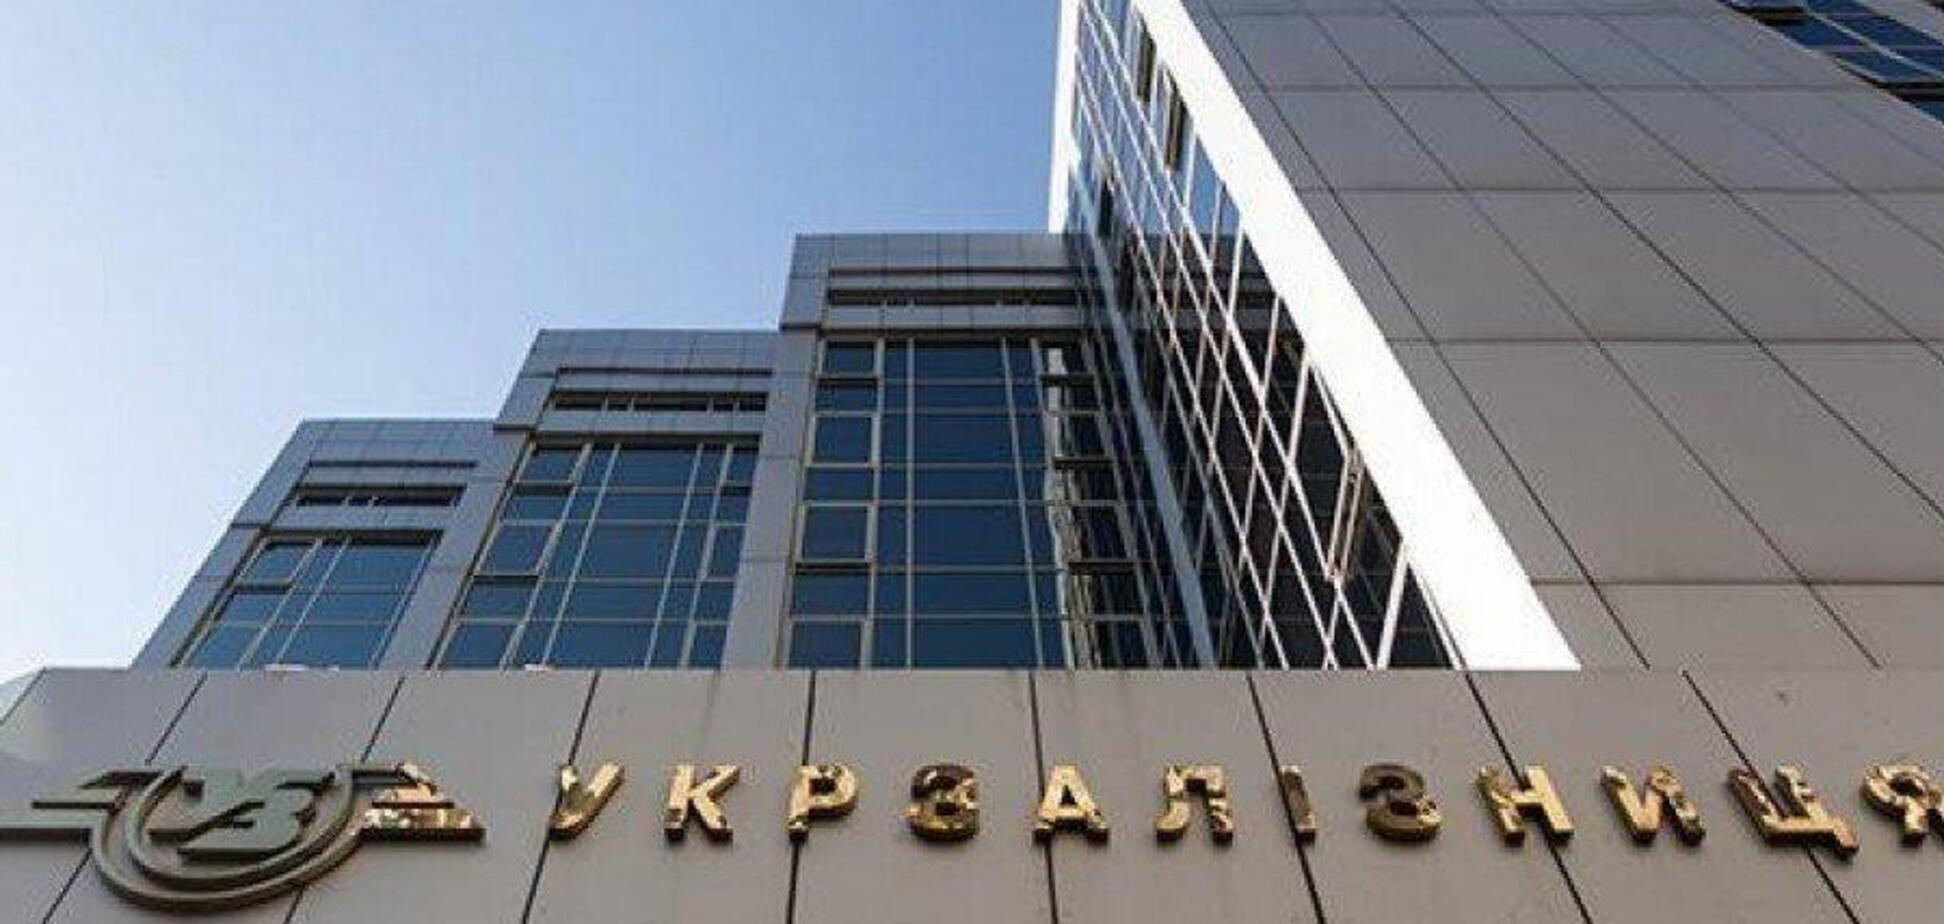 Конфликт интересов в 'Укрзалізниці': СМИ анонсировали изменения в наблюдательном совете перевозчика